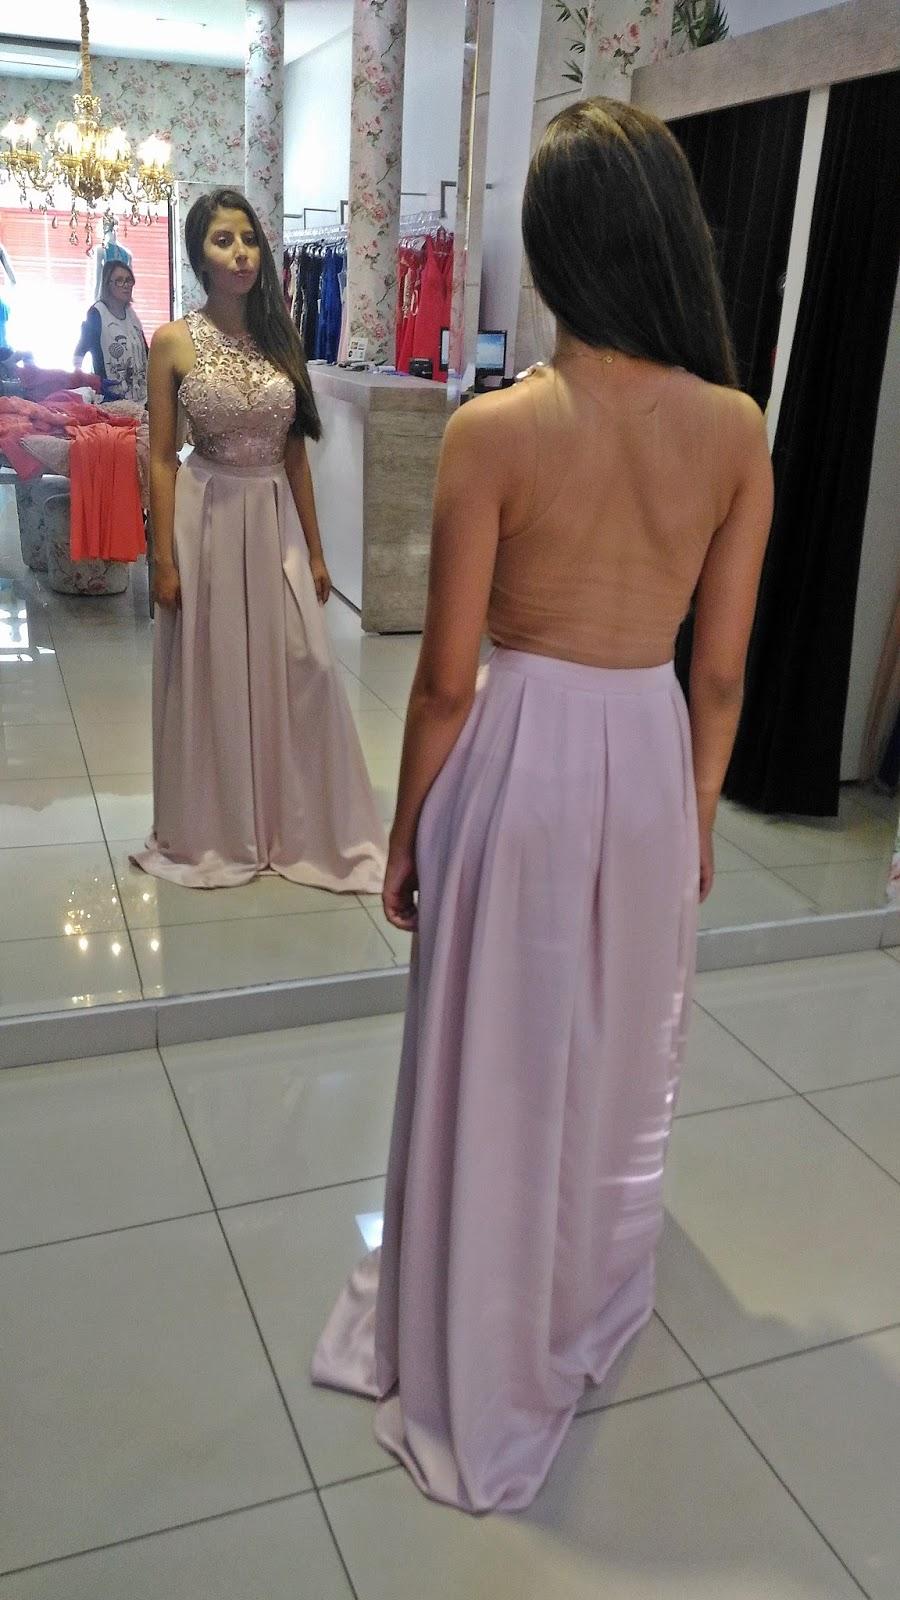 Vestidos de festa comprar em goiania